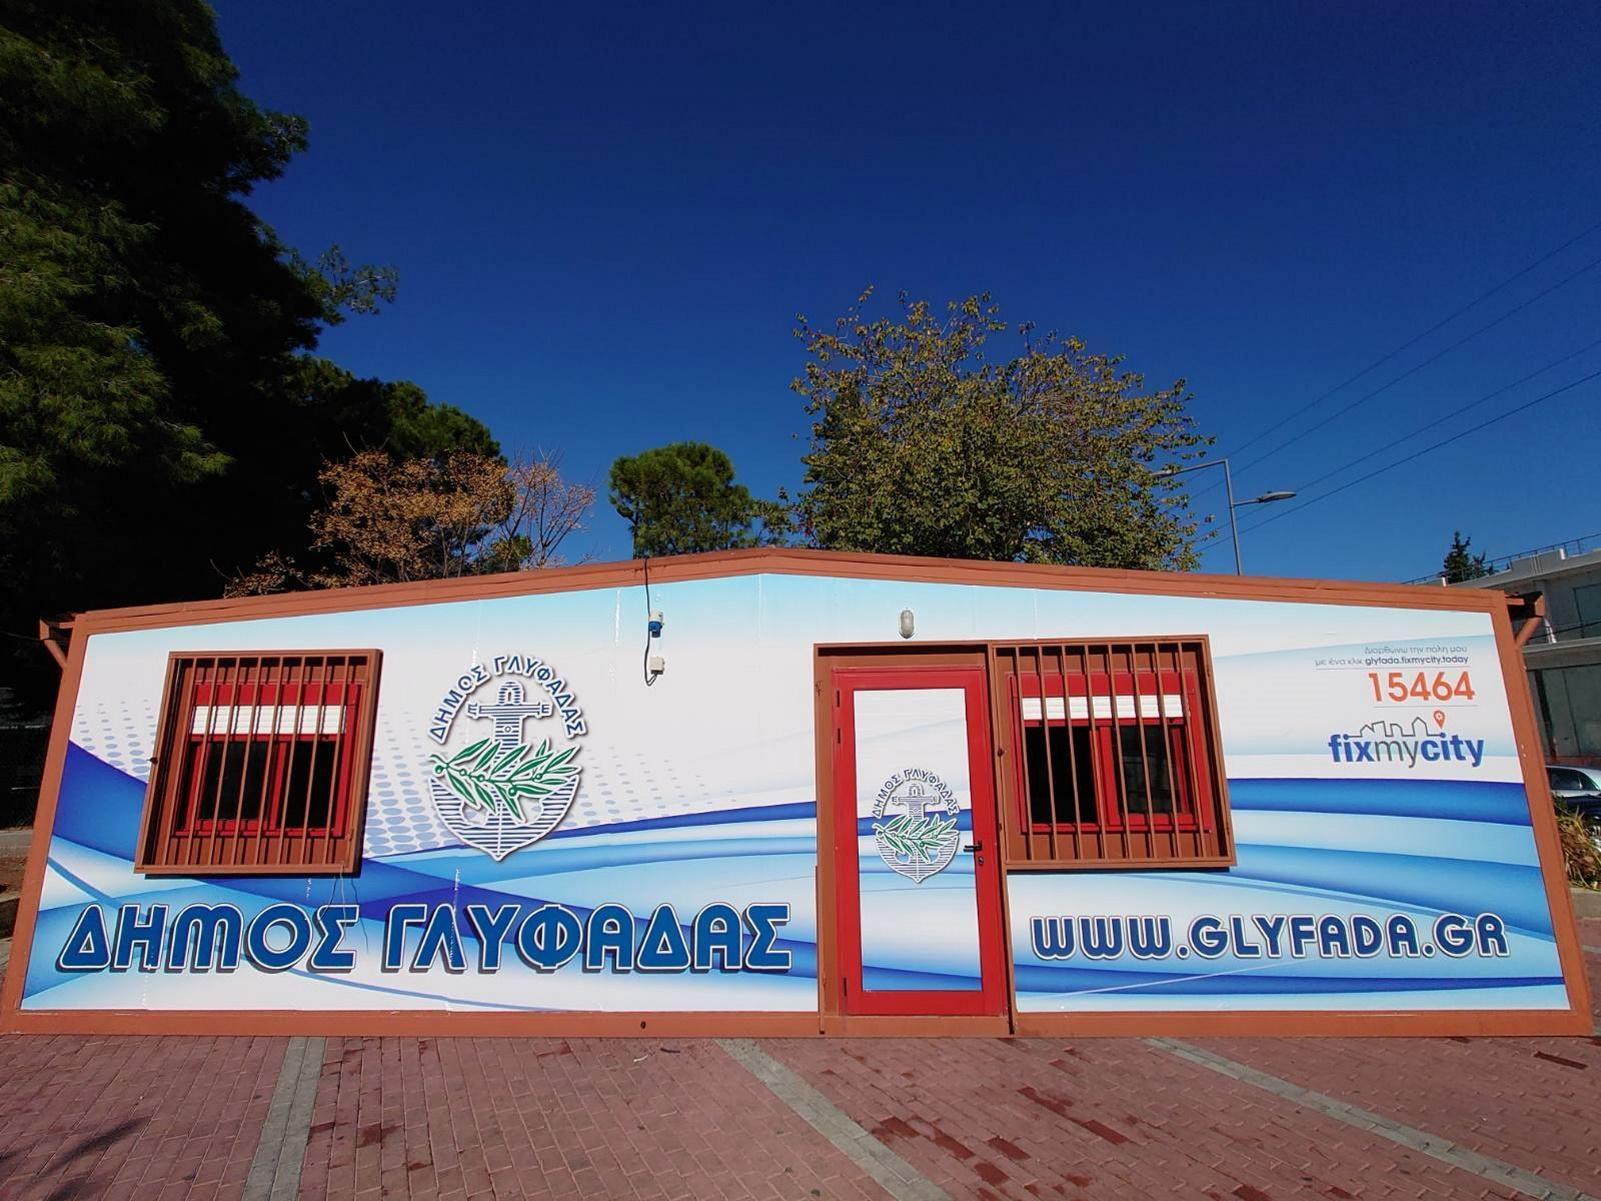 Κορονοϊός: Δωρεάν rapid tests για όλους στη Γλυφάδα (pics)